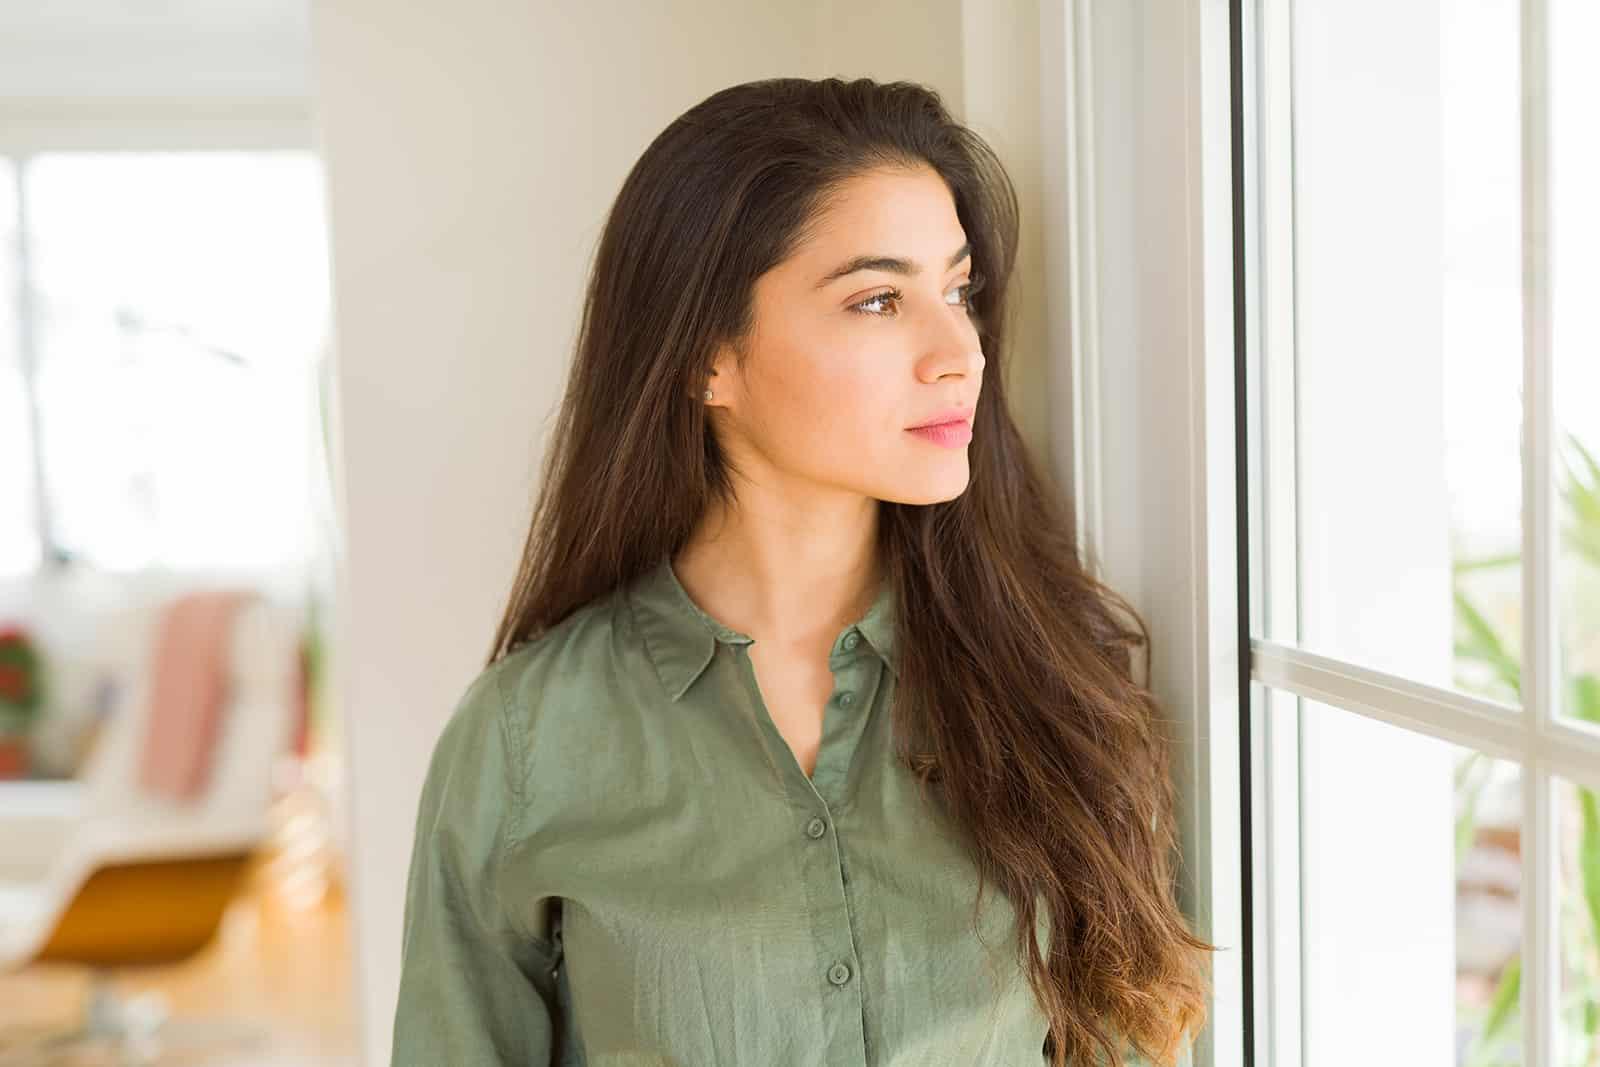 eine Frau mit langen Haaren, die nachdenklich aussieht und am Fenster steht